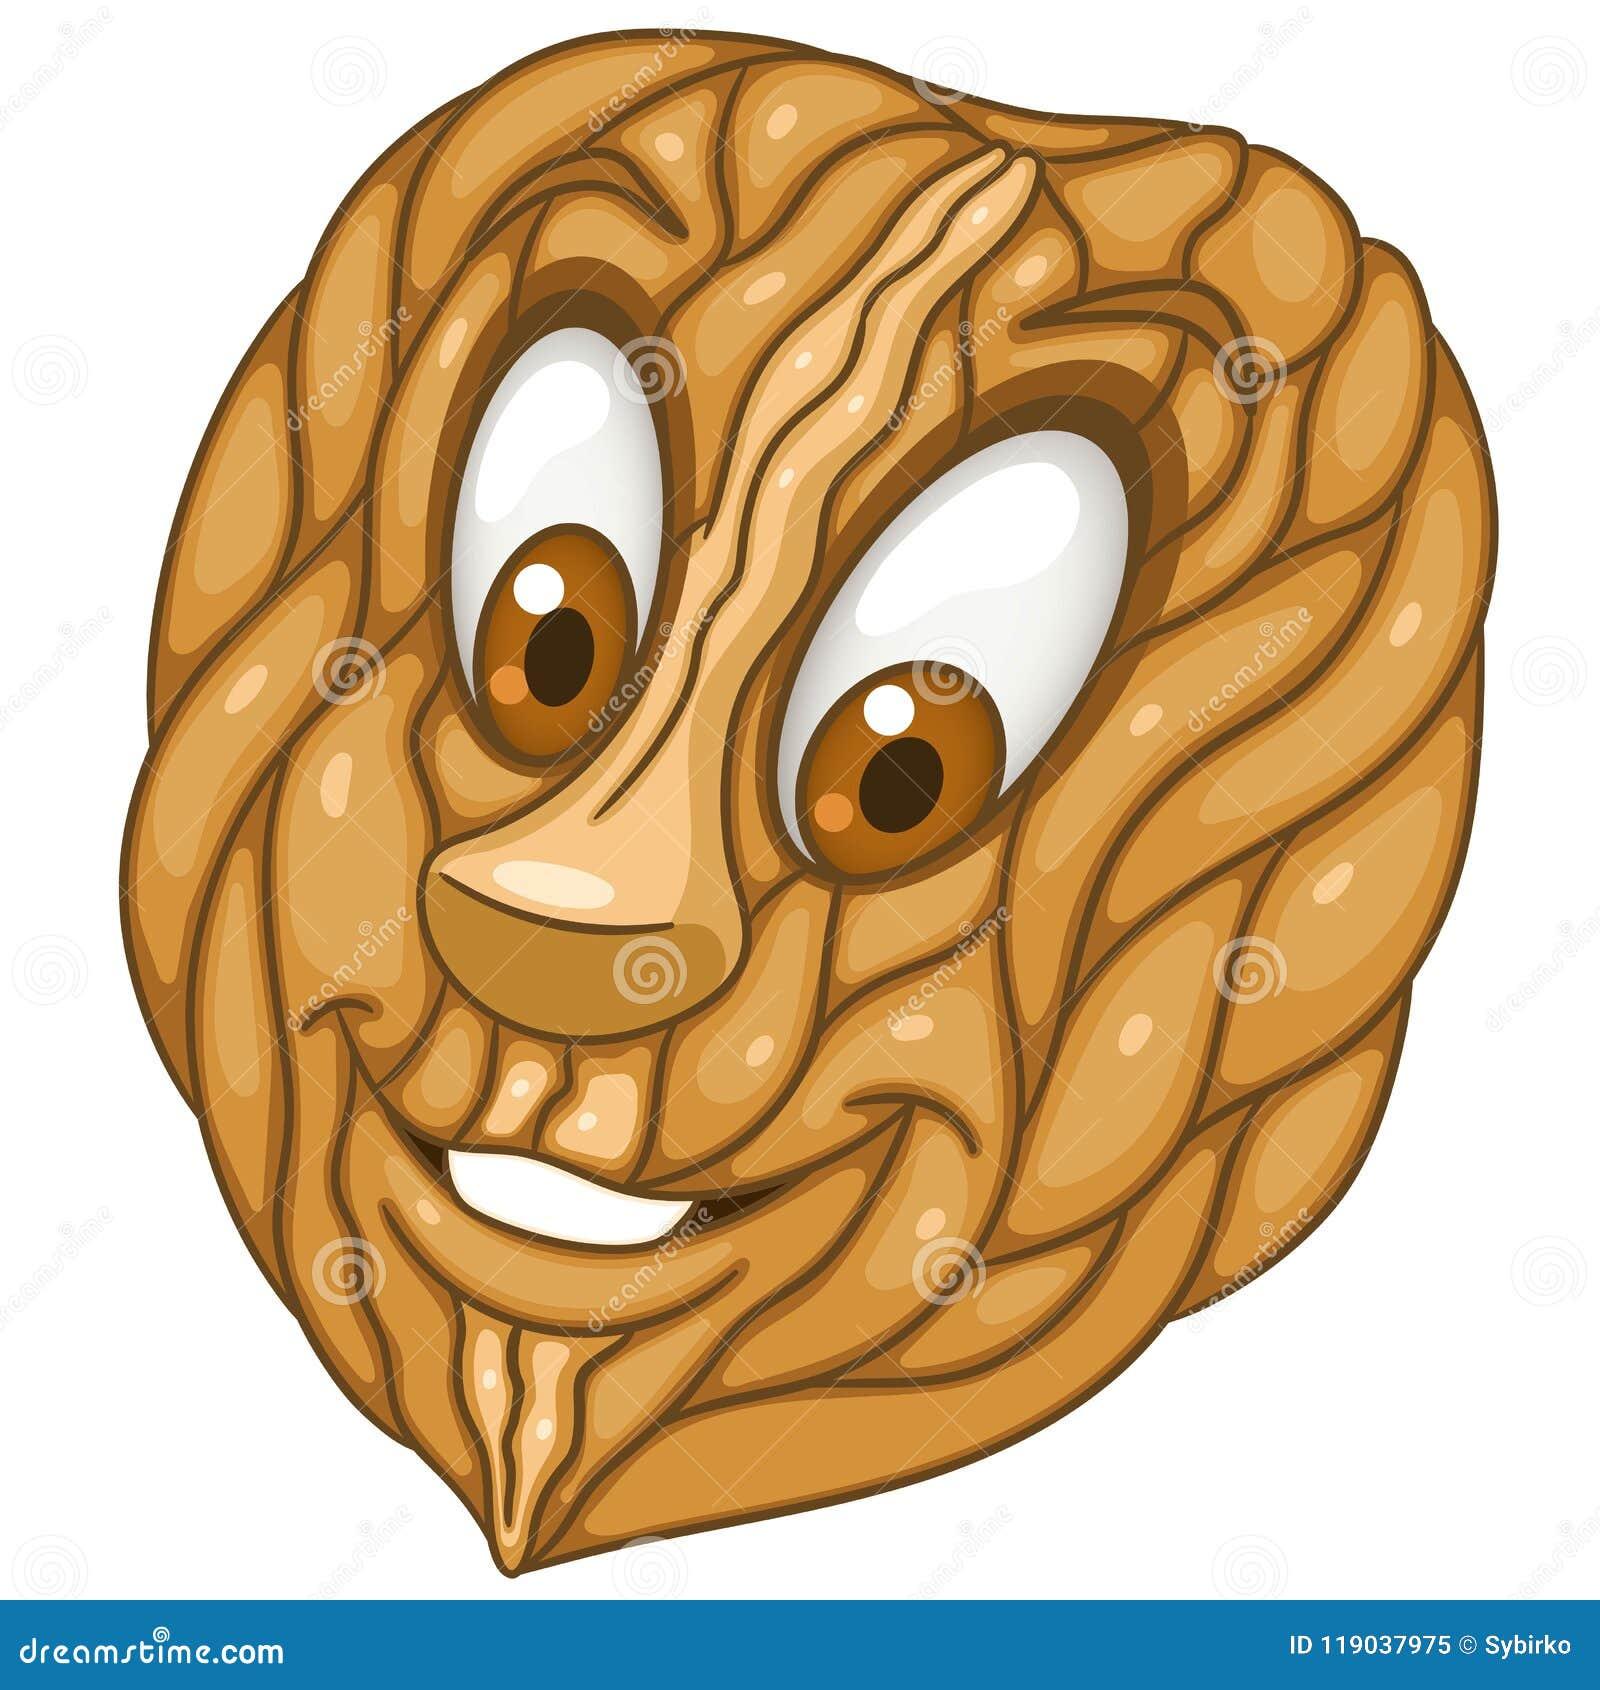 Cartoon walnut garden nut stock vector. Illustration of colorful ...